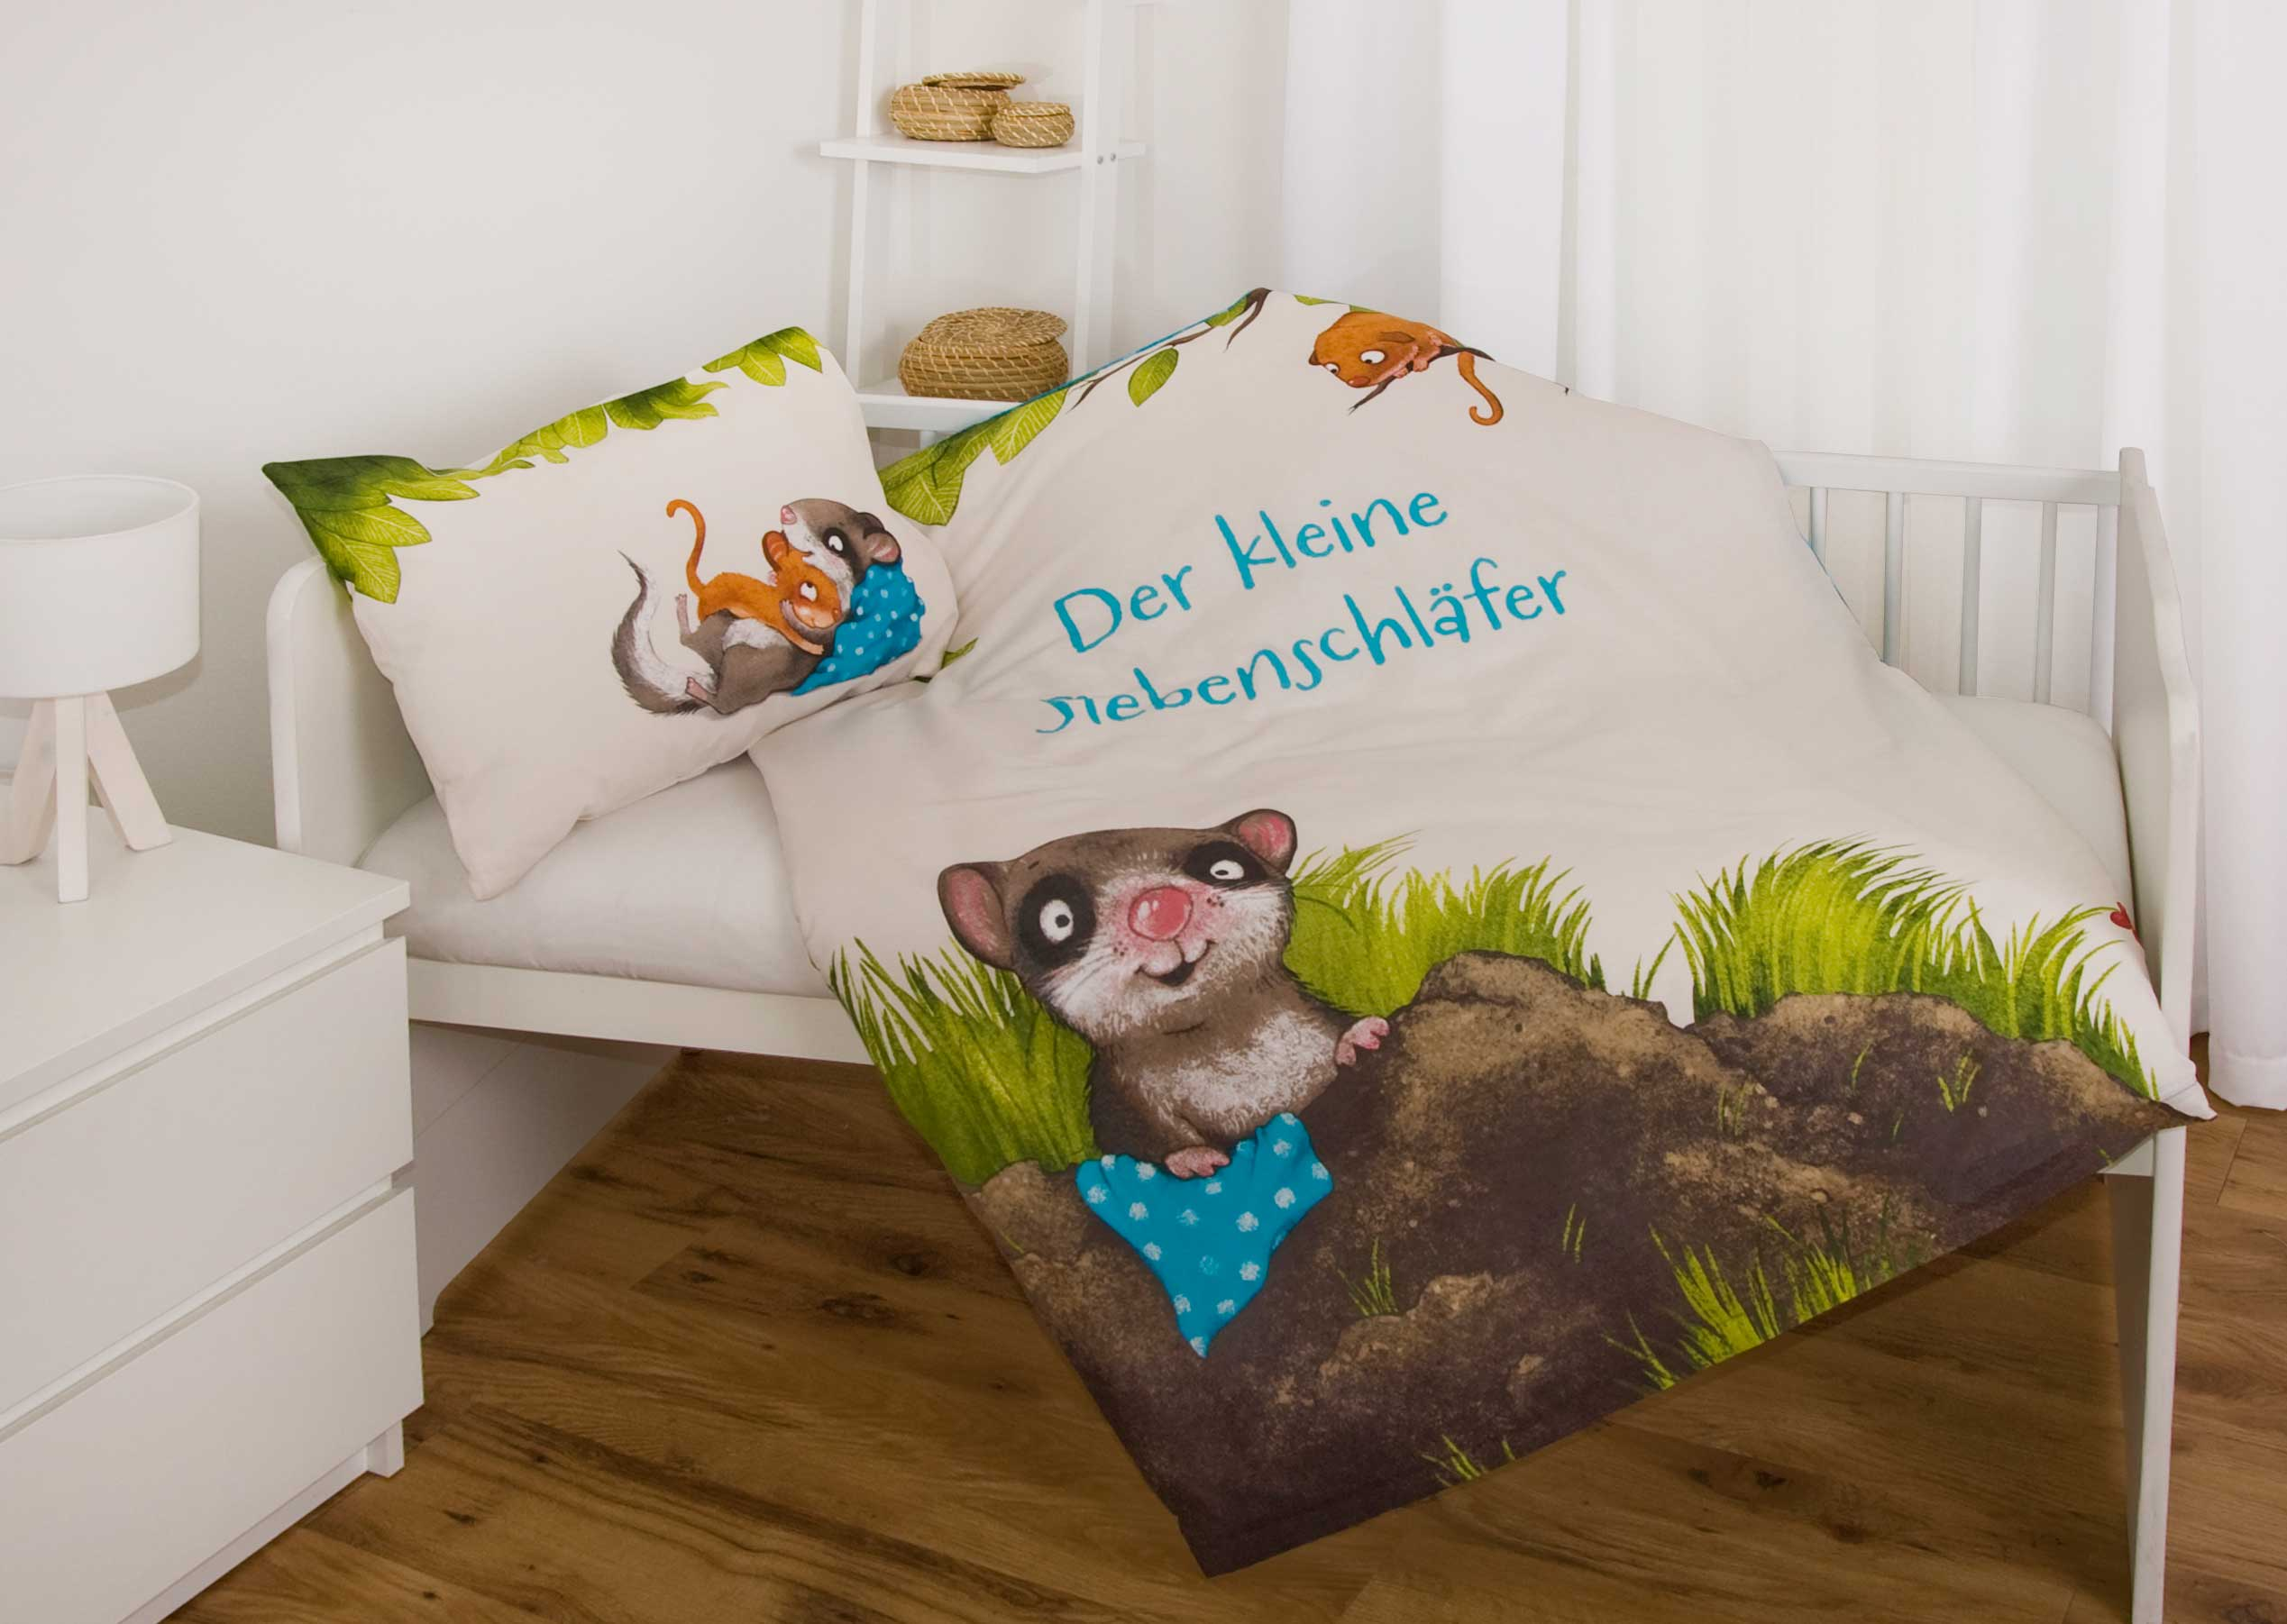 Produktbild Babybettwäsche der kleine Siebenschläfer ganze Bettwäsche auf Bett